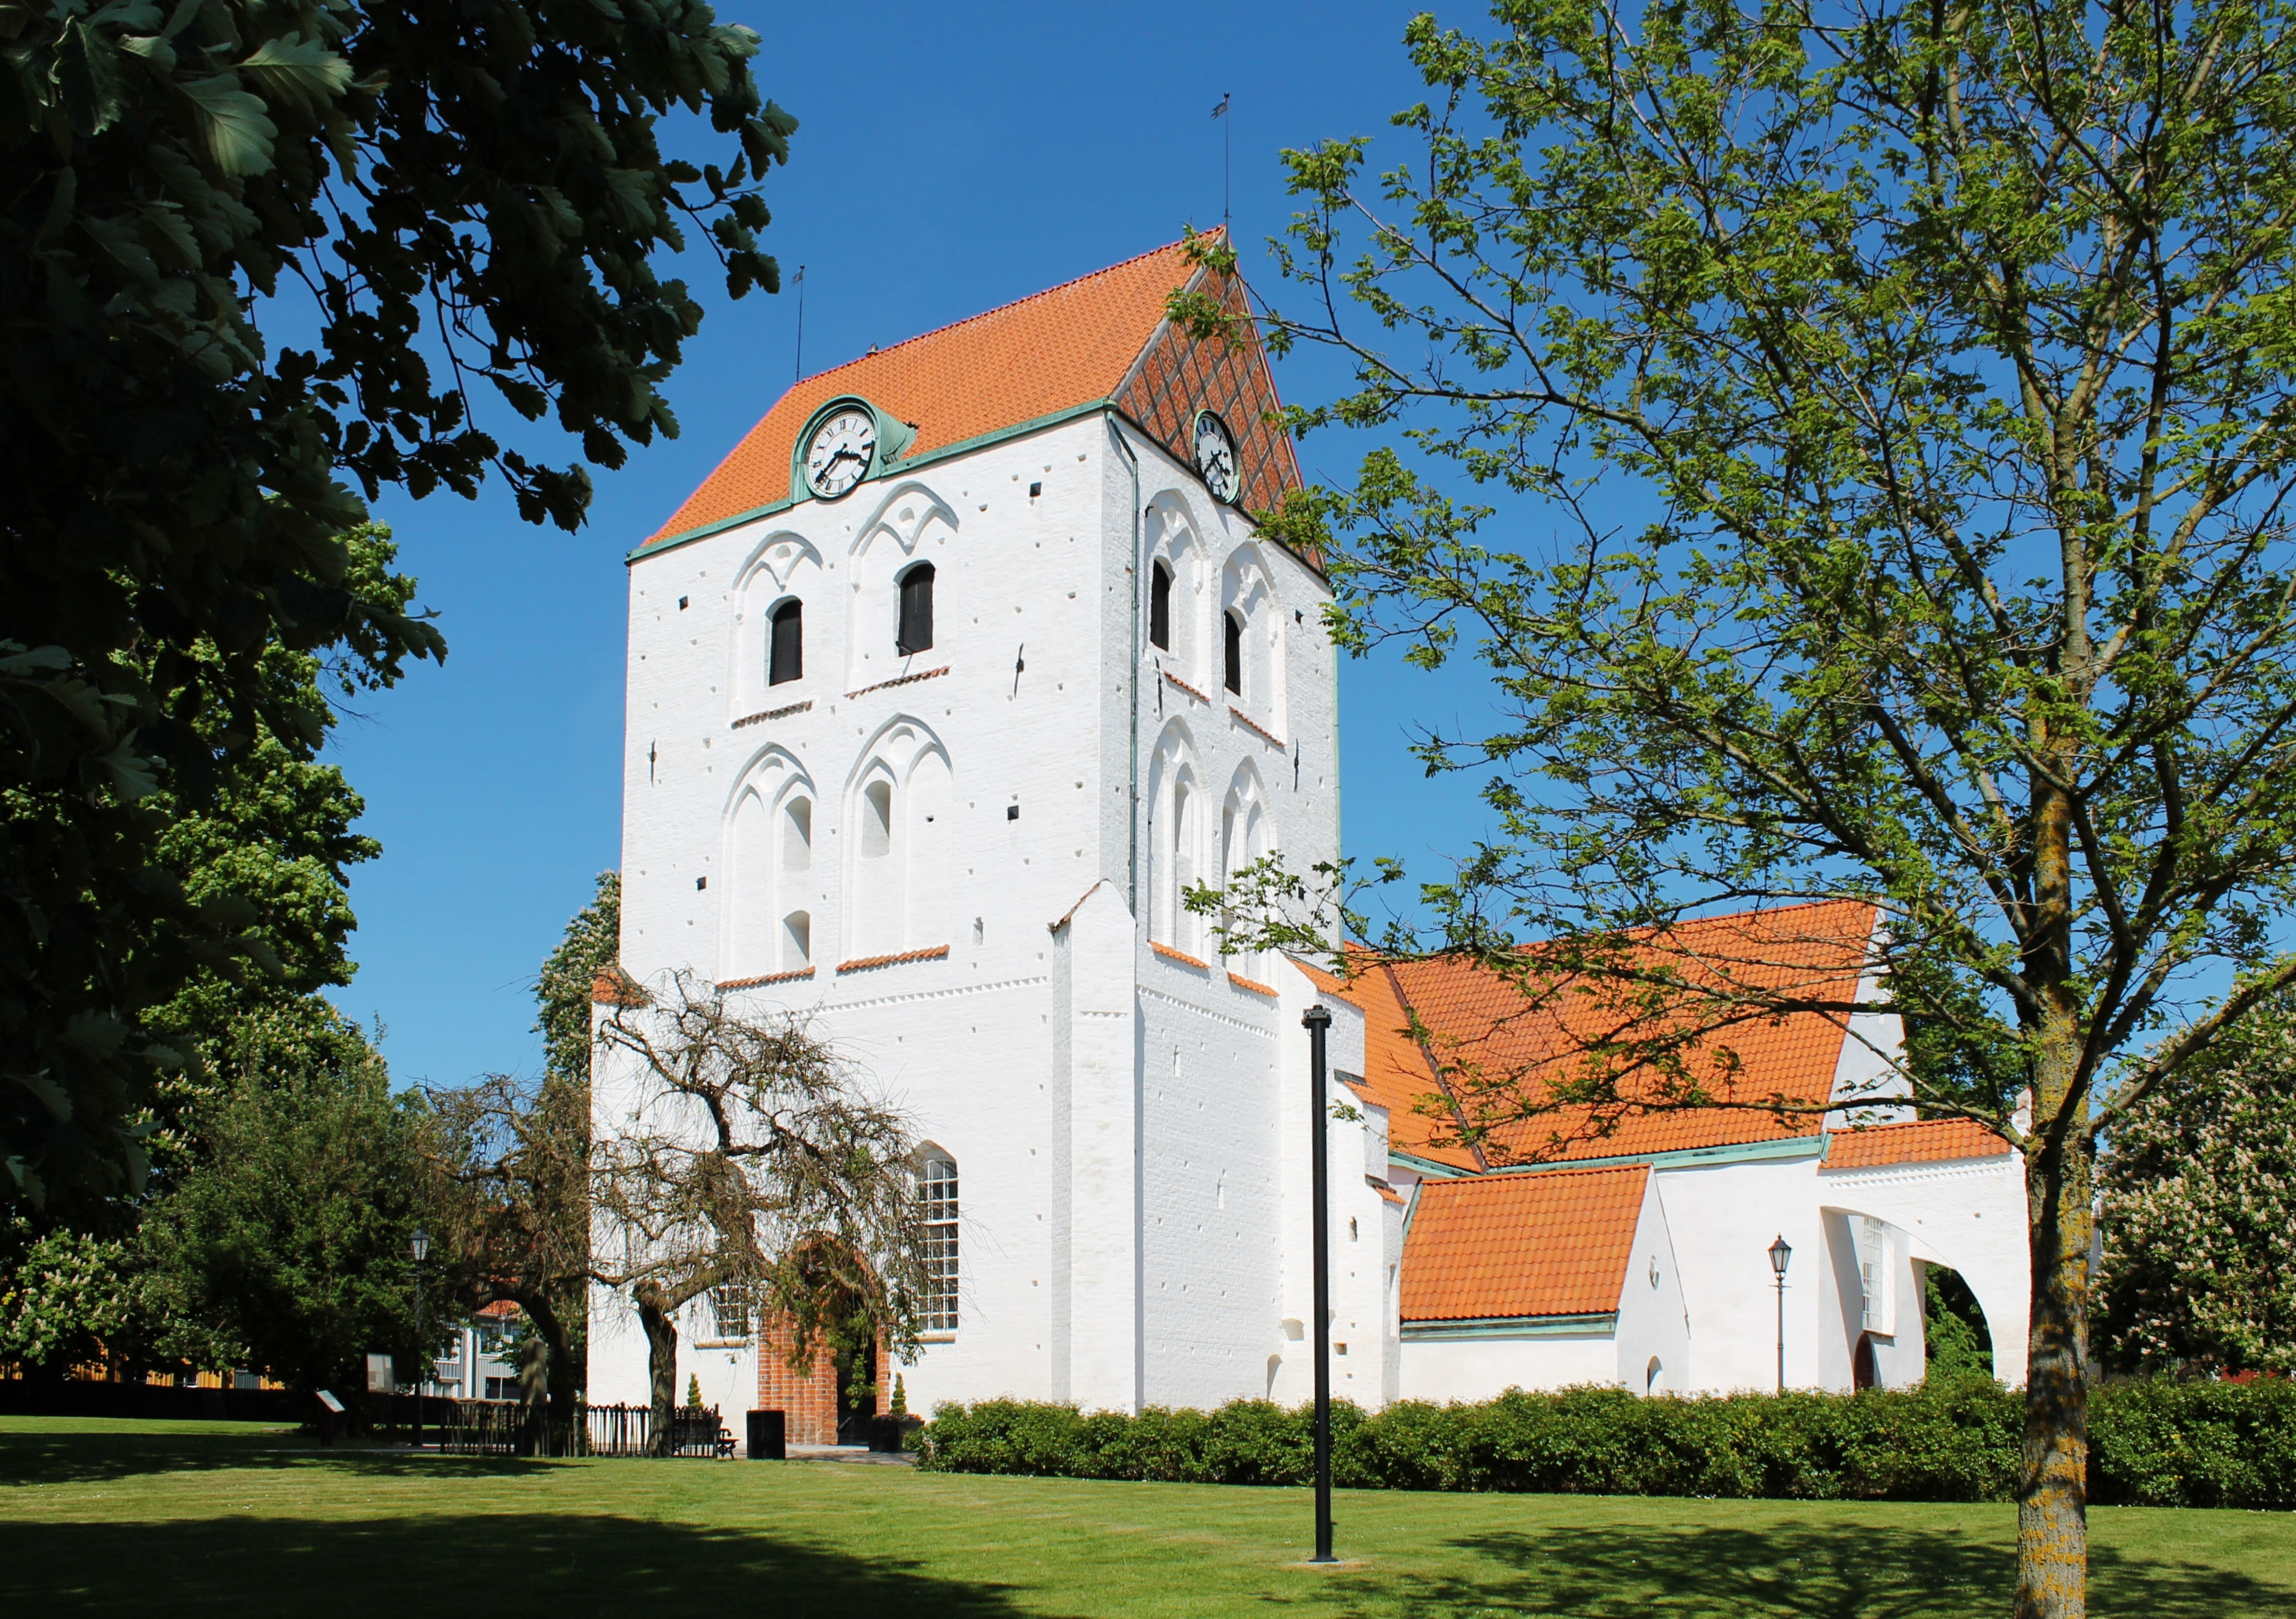 Heliga kors kyrka - Blekinge Museum